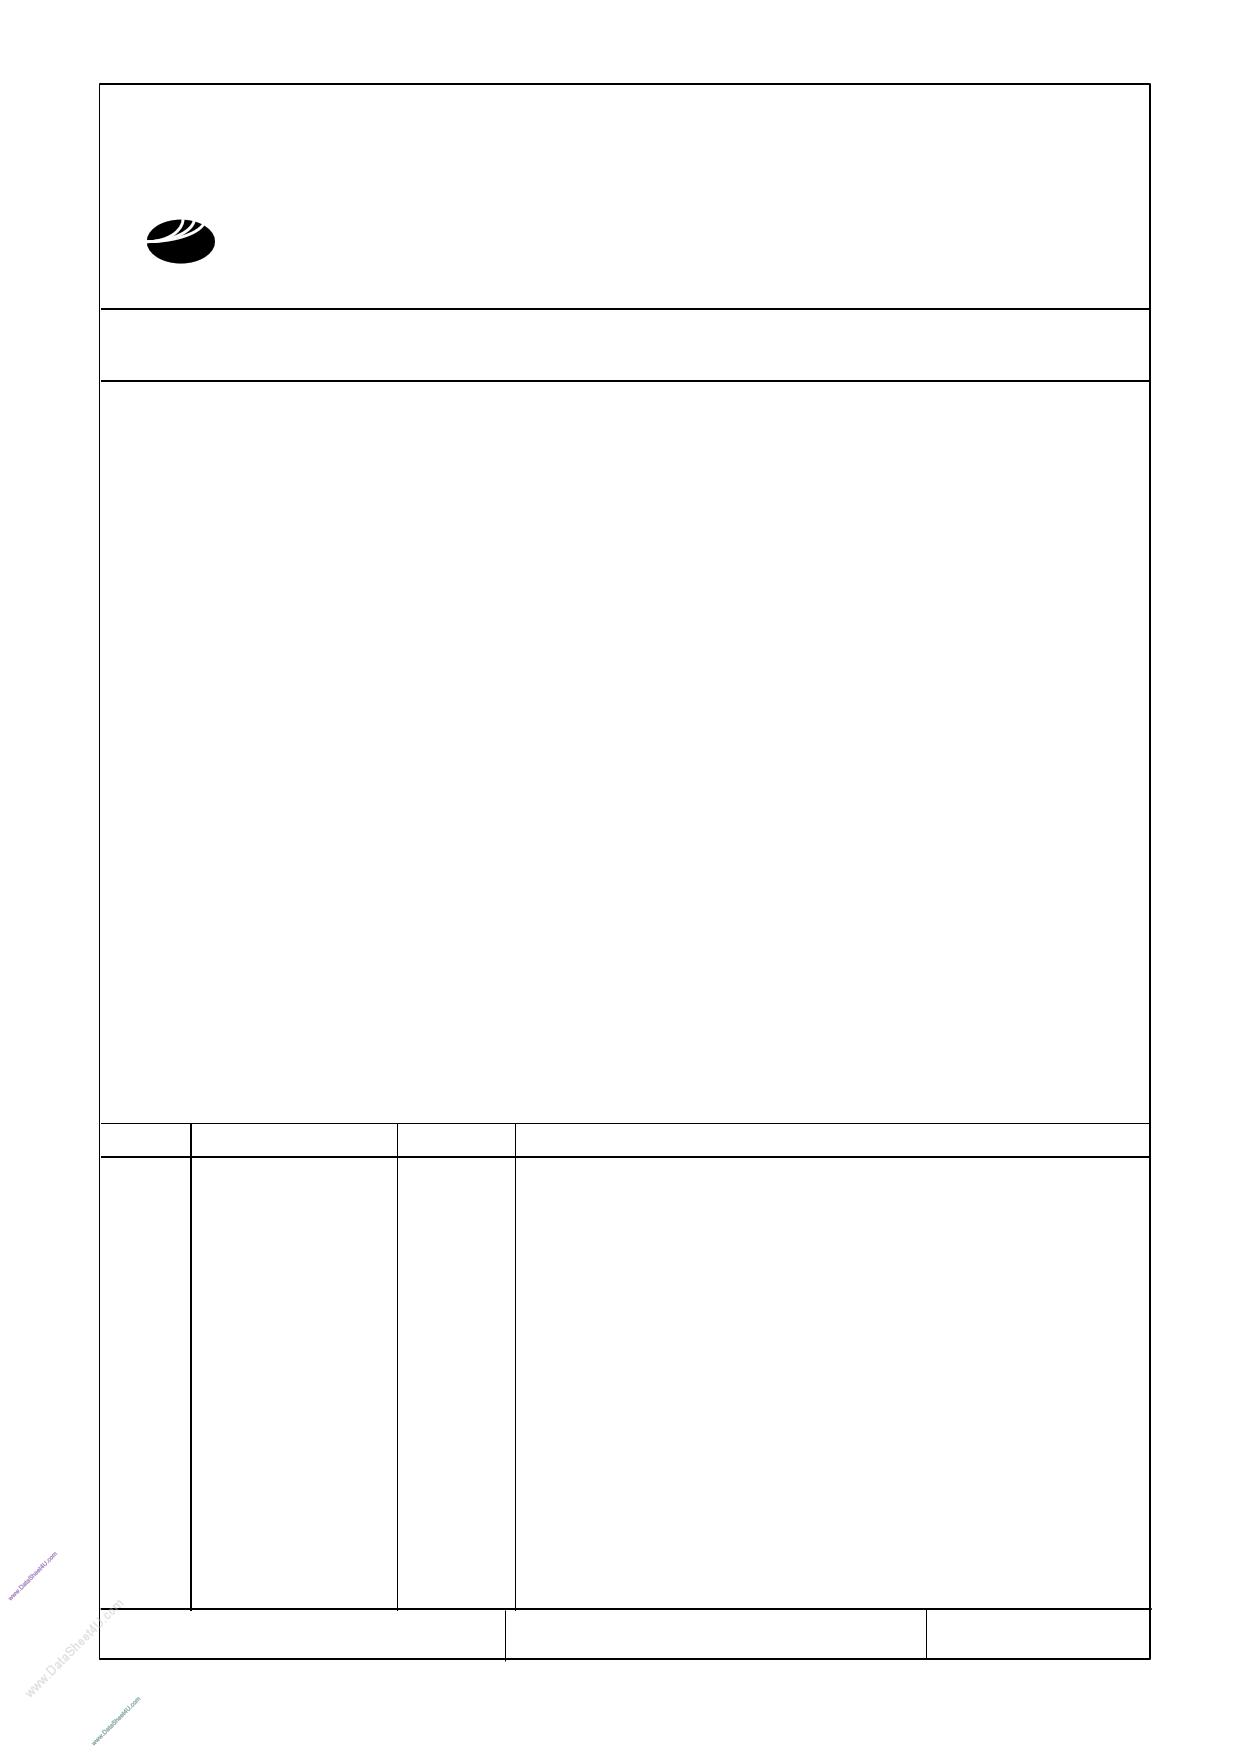 T-51512D121F-FW_A_AA datasheet